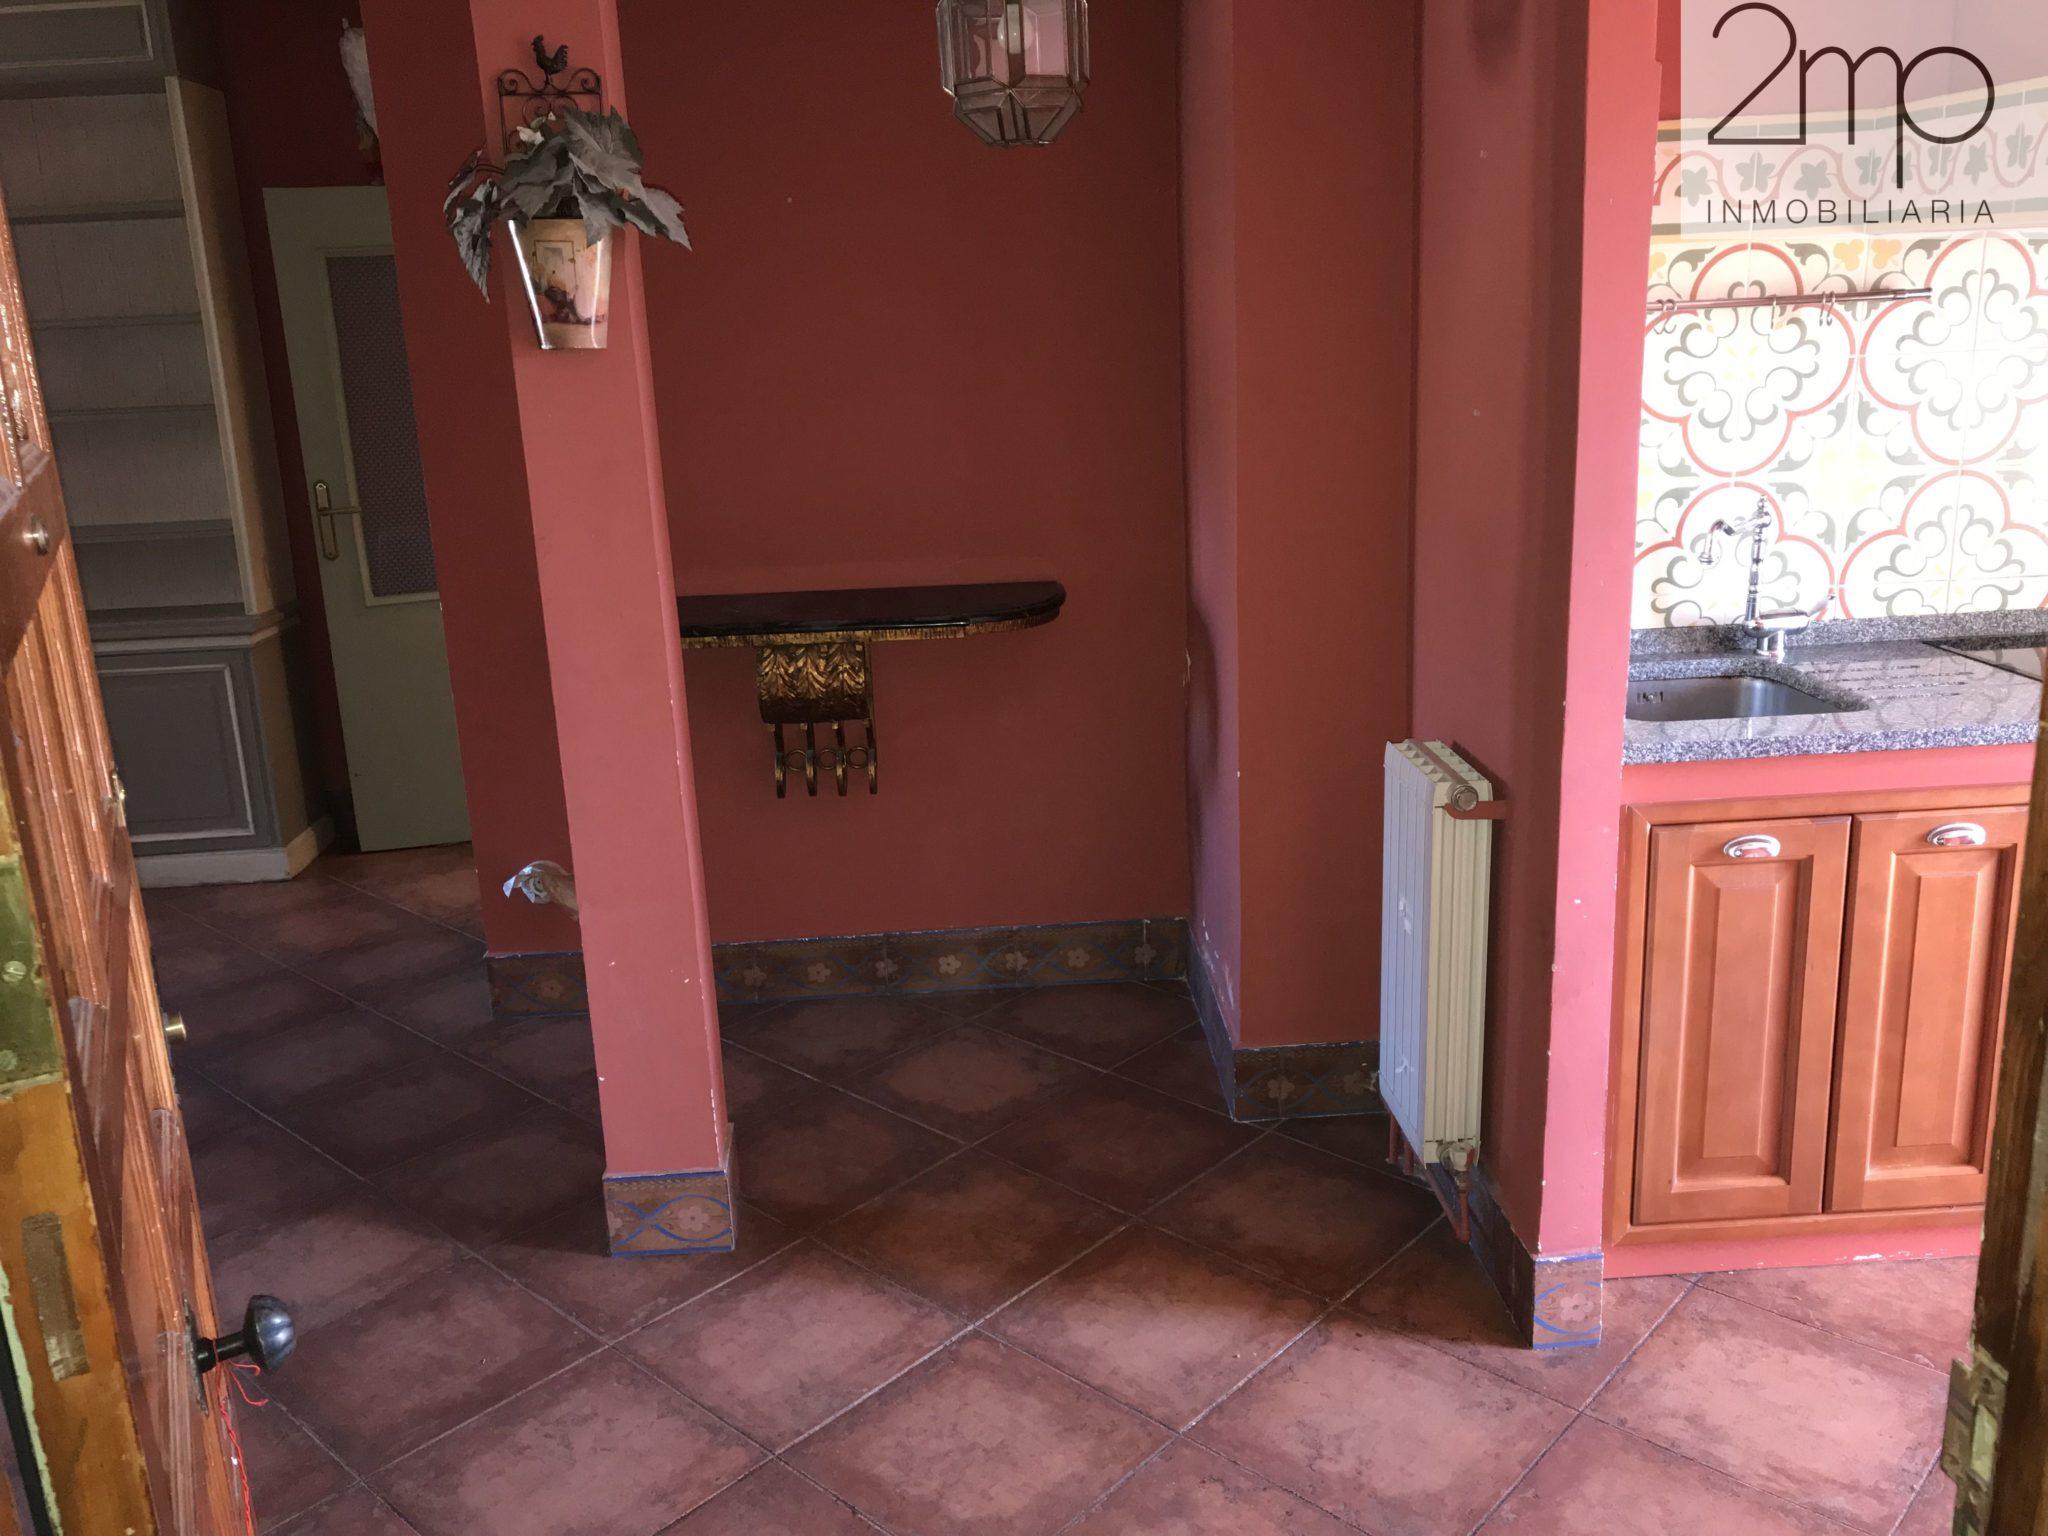 Piso en alquiler en Manzanares el Real